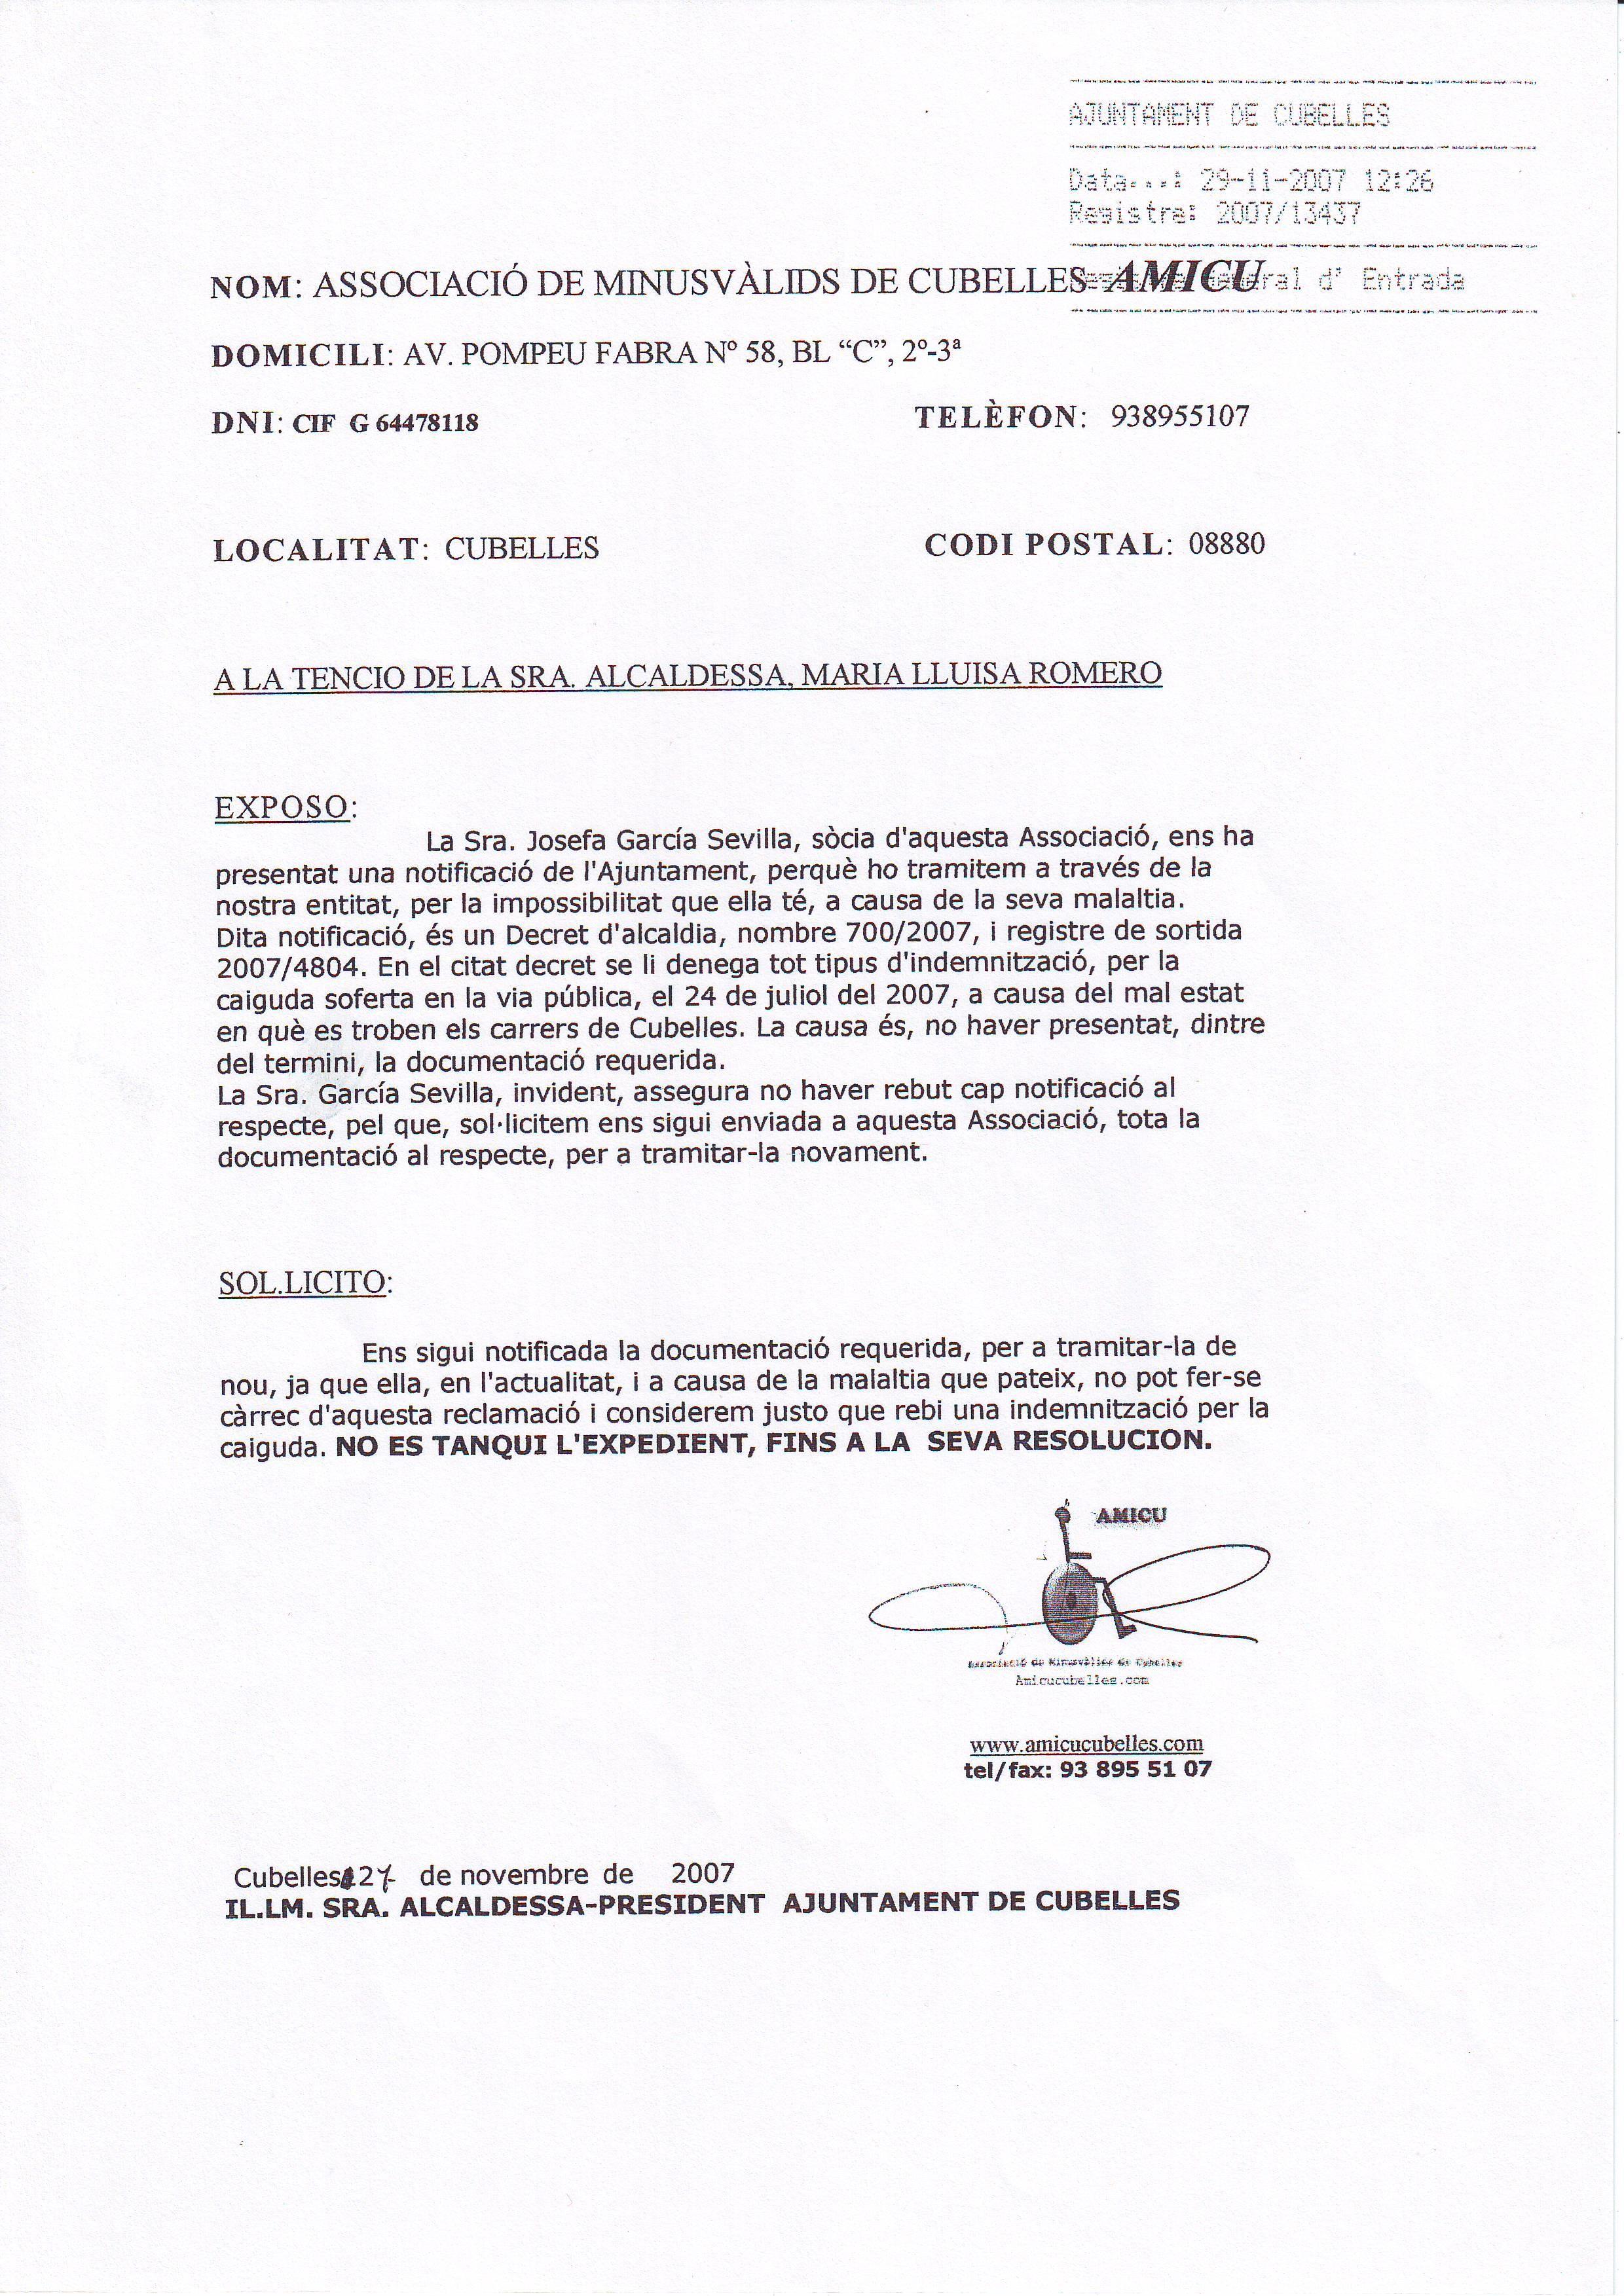 INSTANCIA-NO SE CIERRE EL EXPEDIENTE DE JOSEFA GARCIA- 29-11-2007